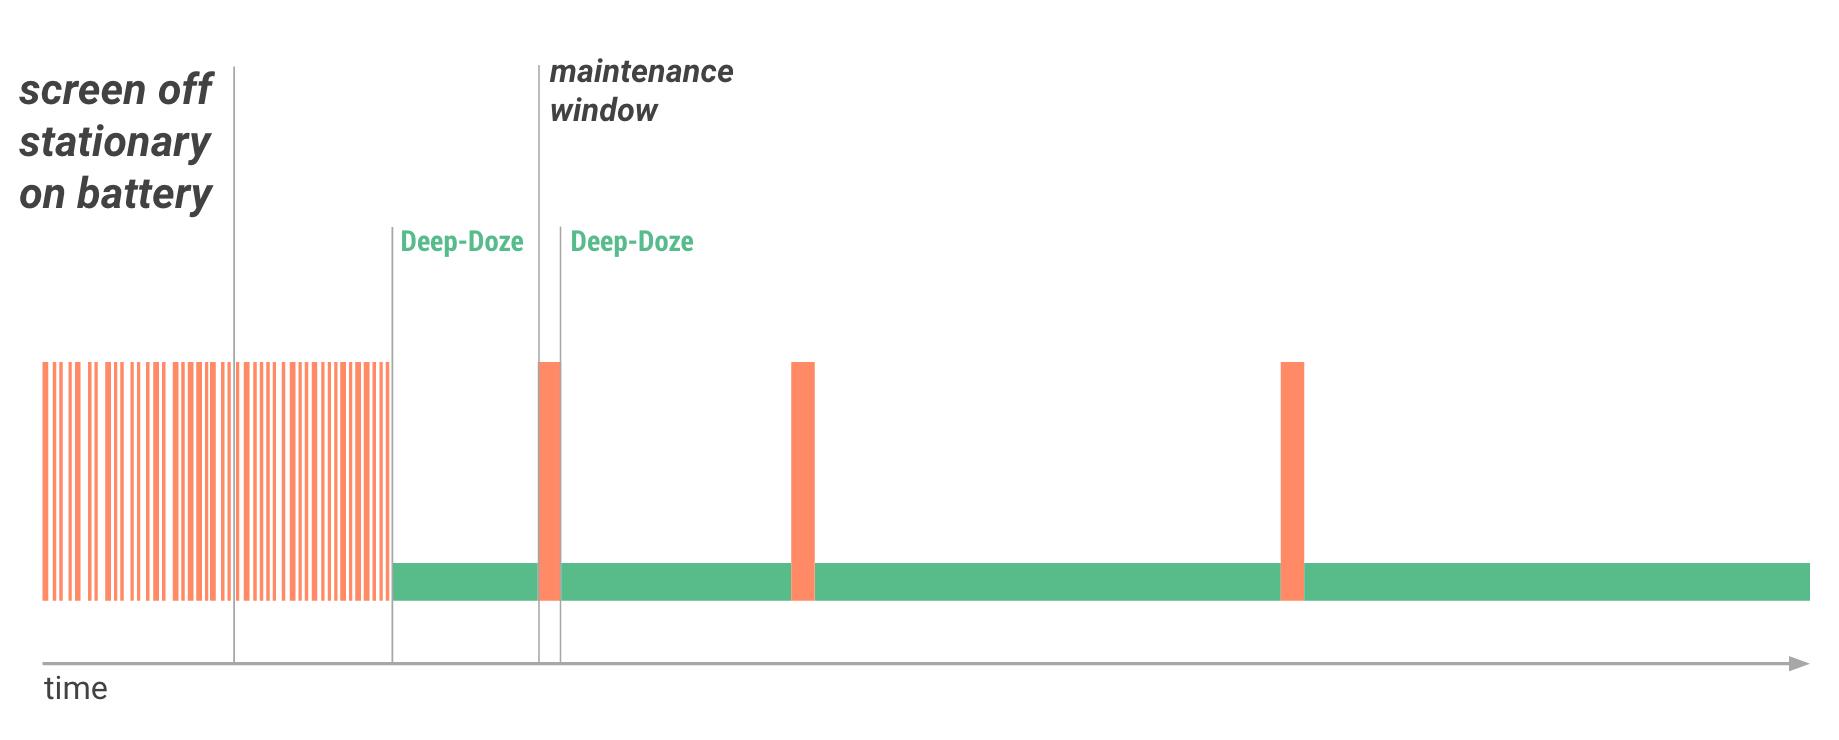 Gráfico da janela de processamento no Doze Mode Android